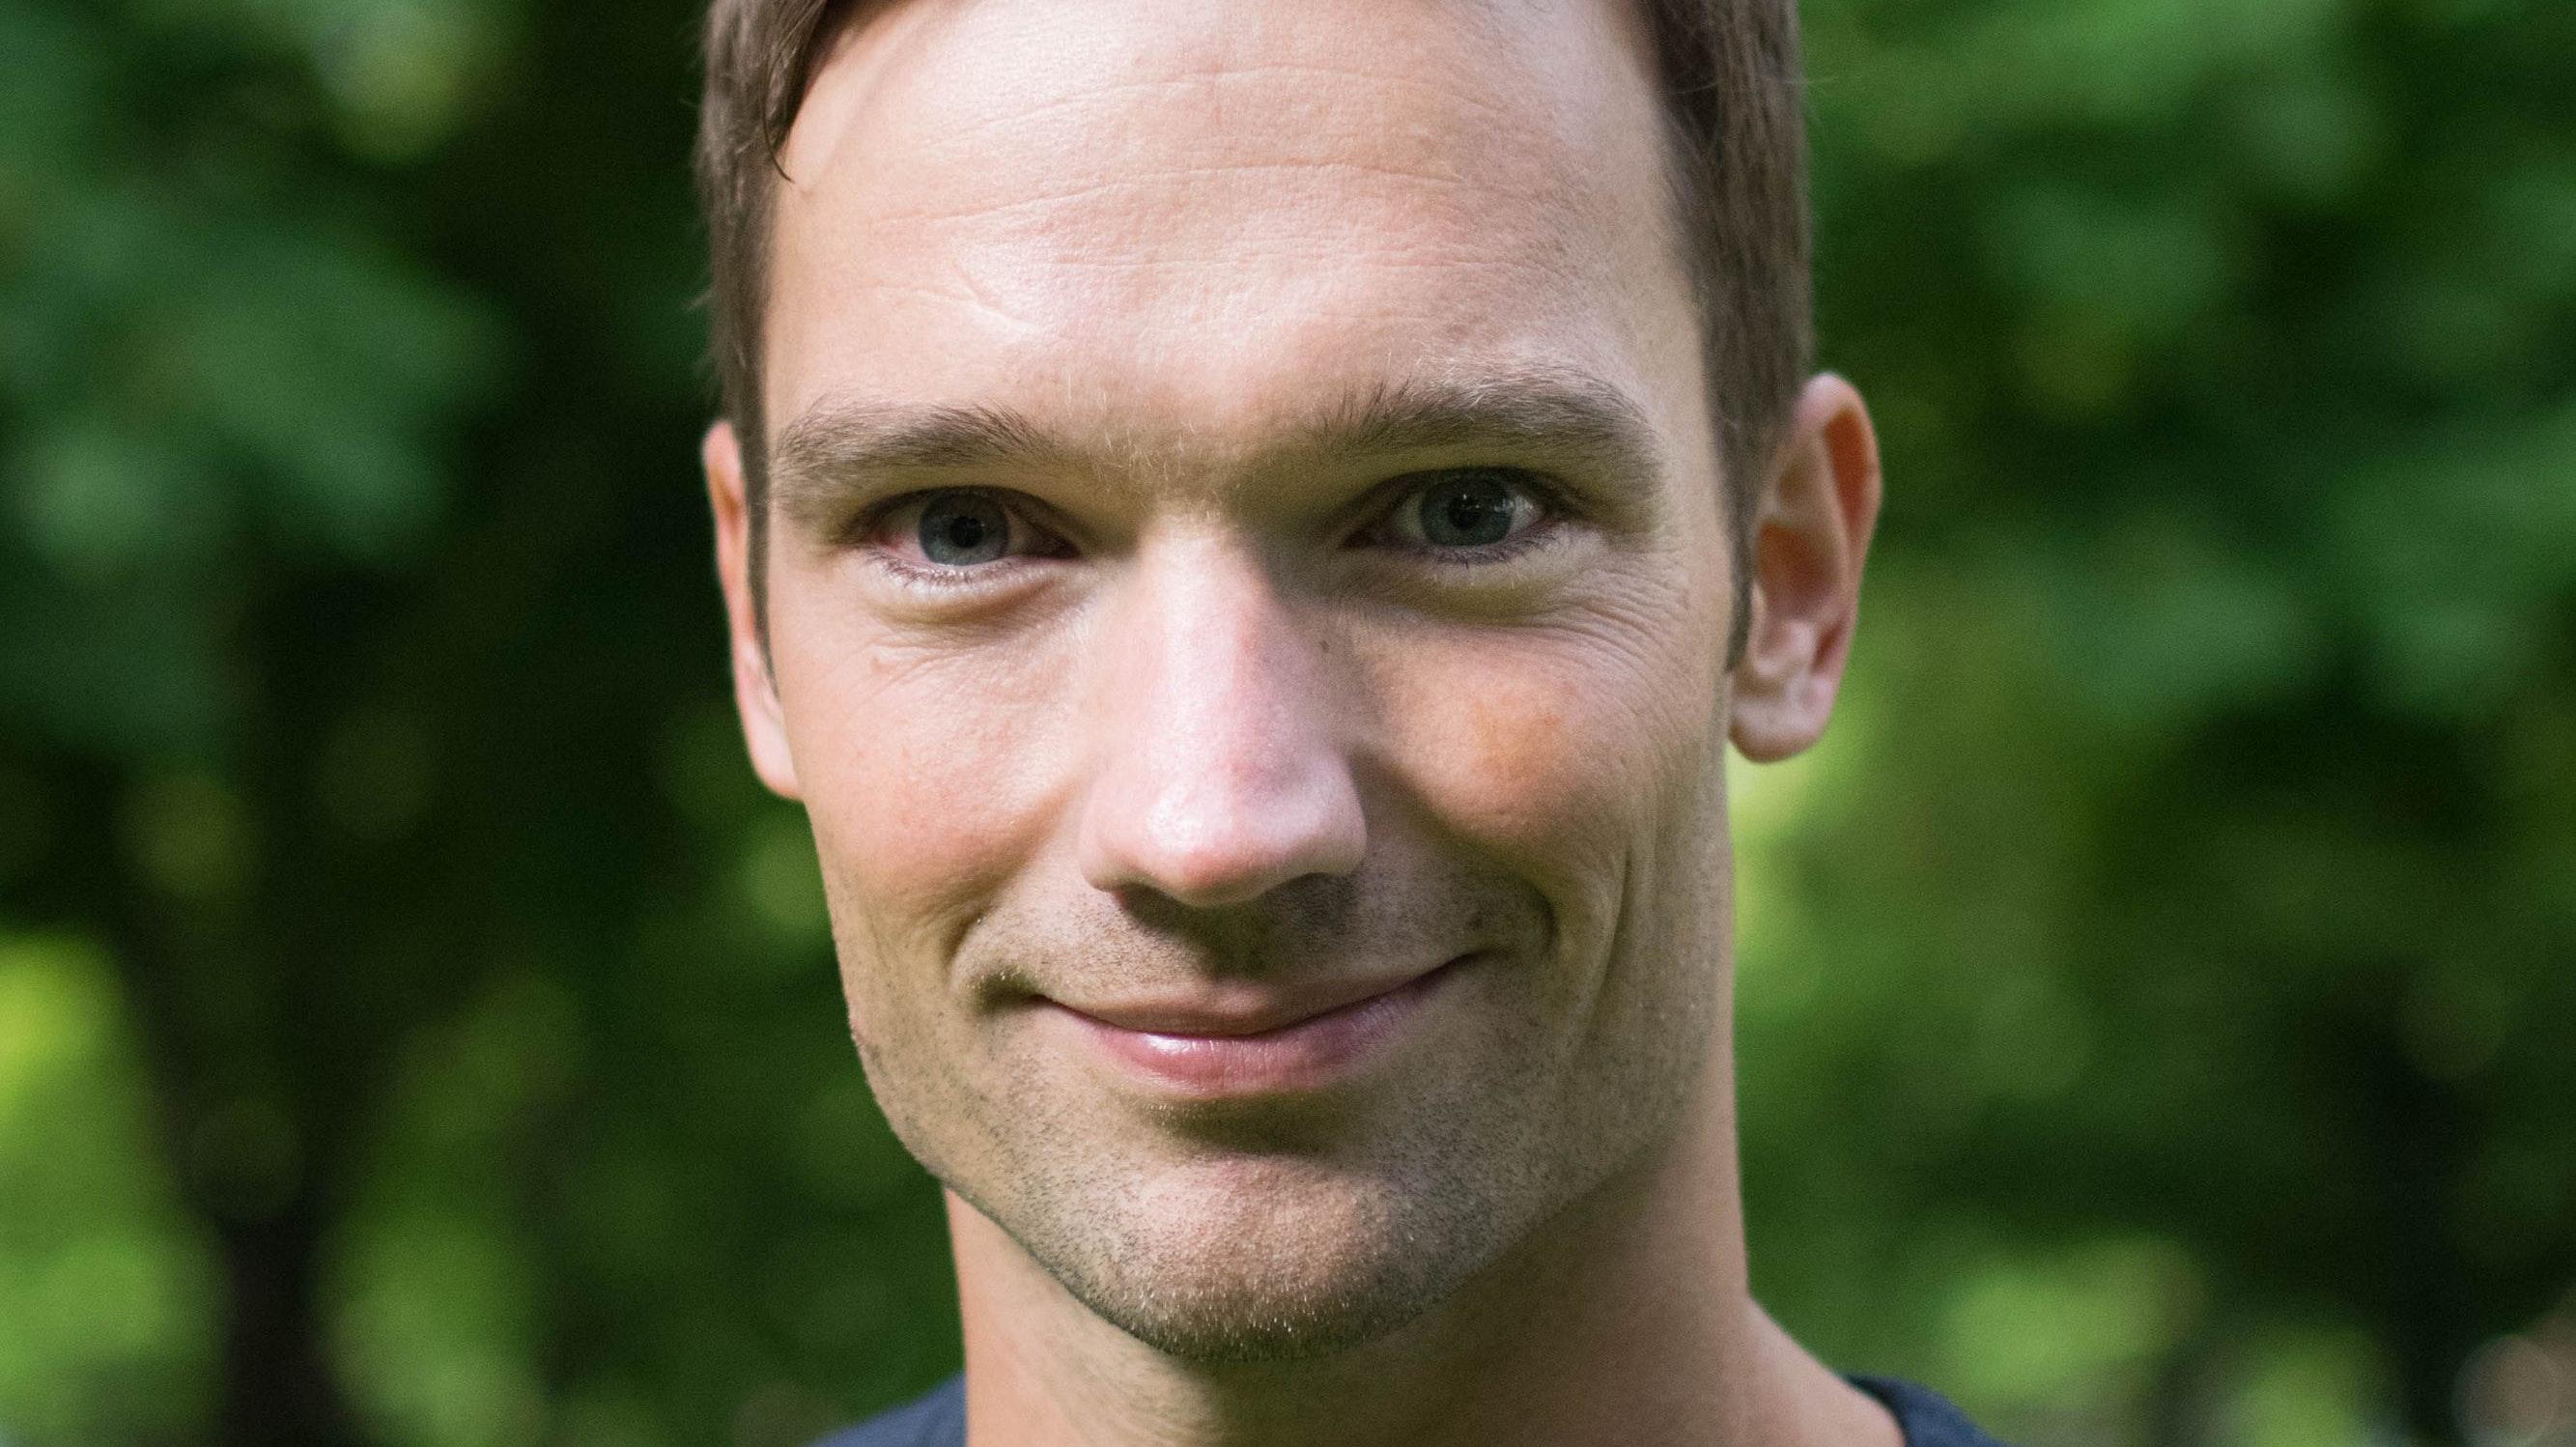 Wissenschaftler und Journalist: Tim Kalvelage hat Biochemie, Molekularbiologie und Ozeanographie studiert. Sein Abitur bestand der ehemalige ULF-Schüler in Lohne. Foto: Kalvelage